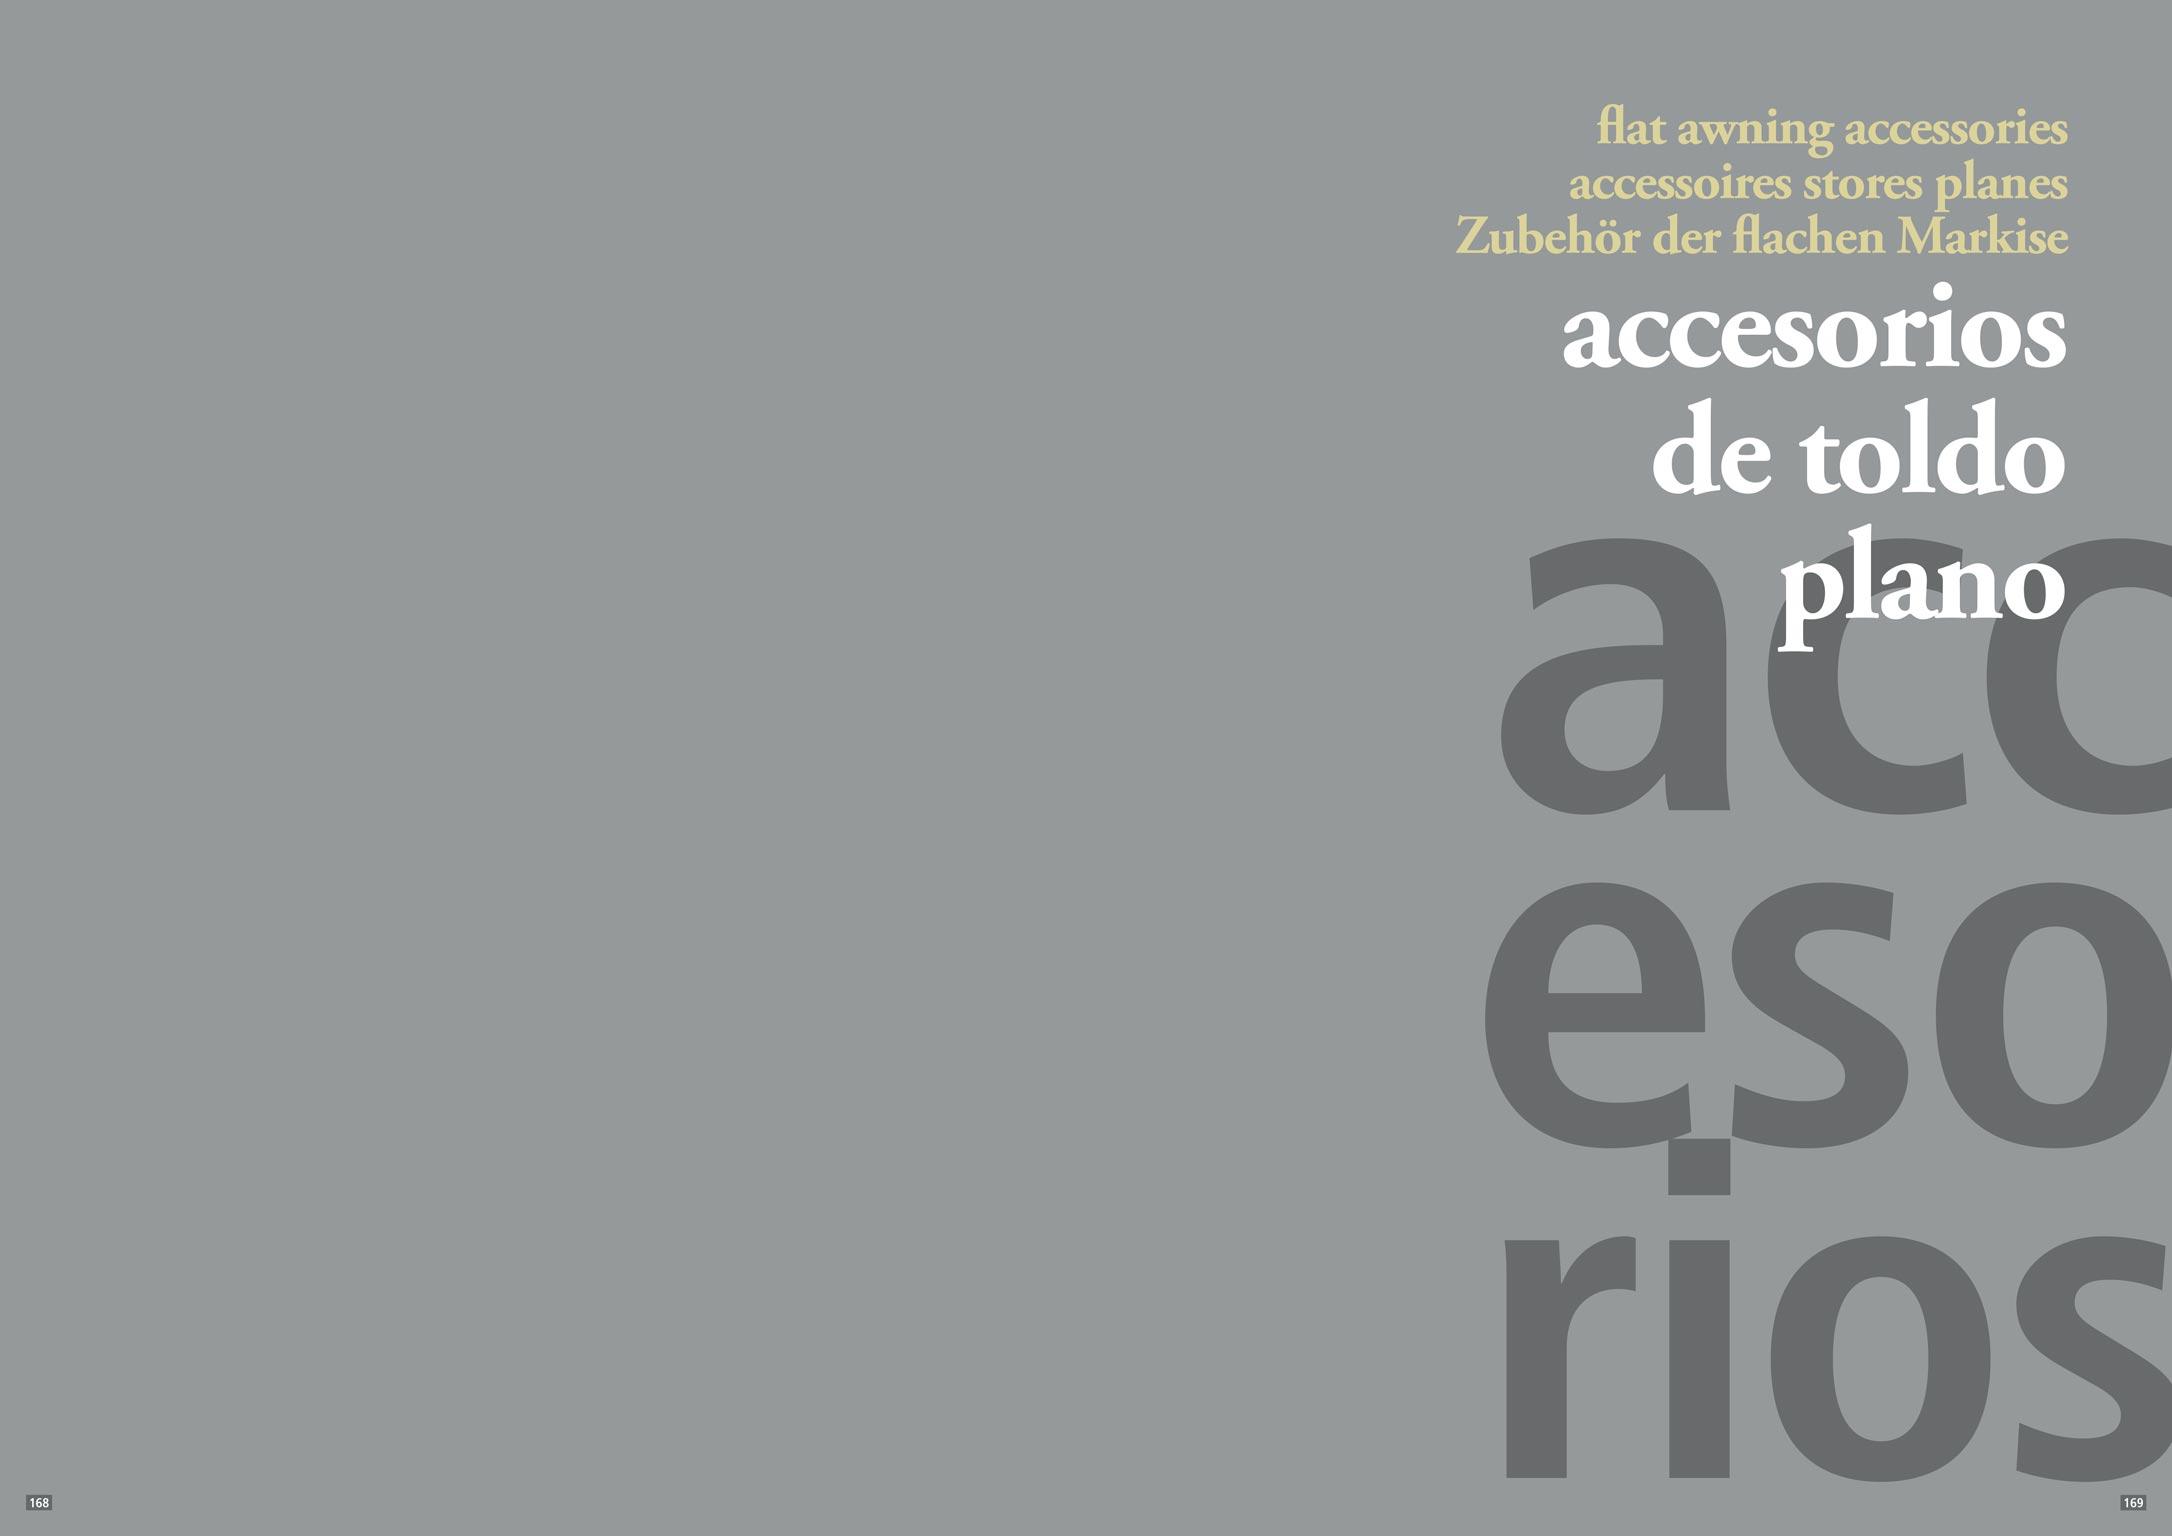 Accesorios de toldos planos stadia store for Accesorios de toldos